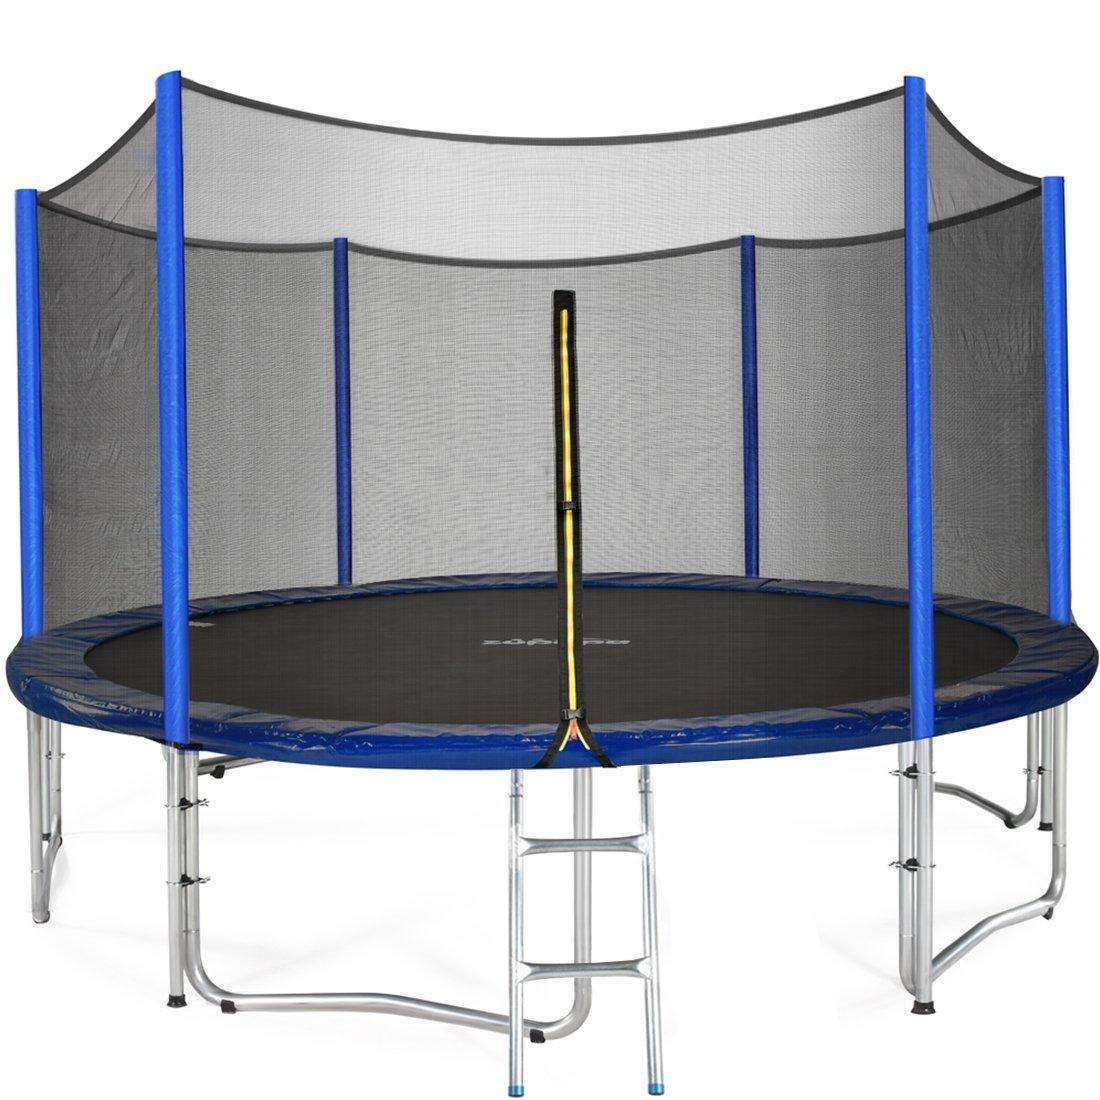 zupapa-15-ft-trampoline-for-teenagers - Best Backyard Gear